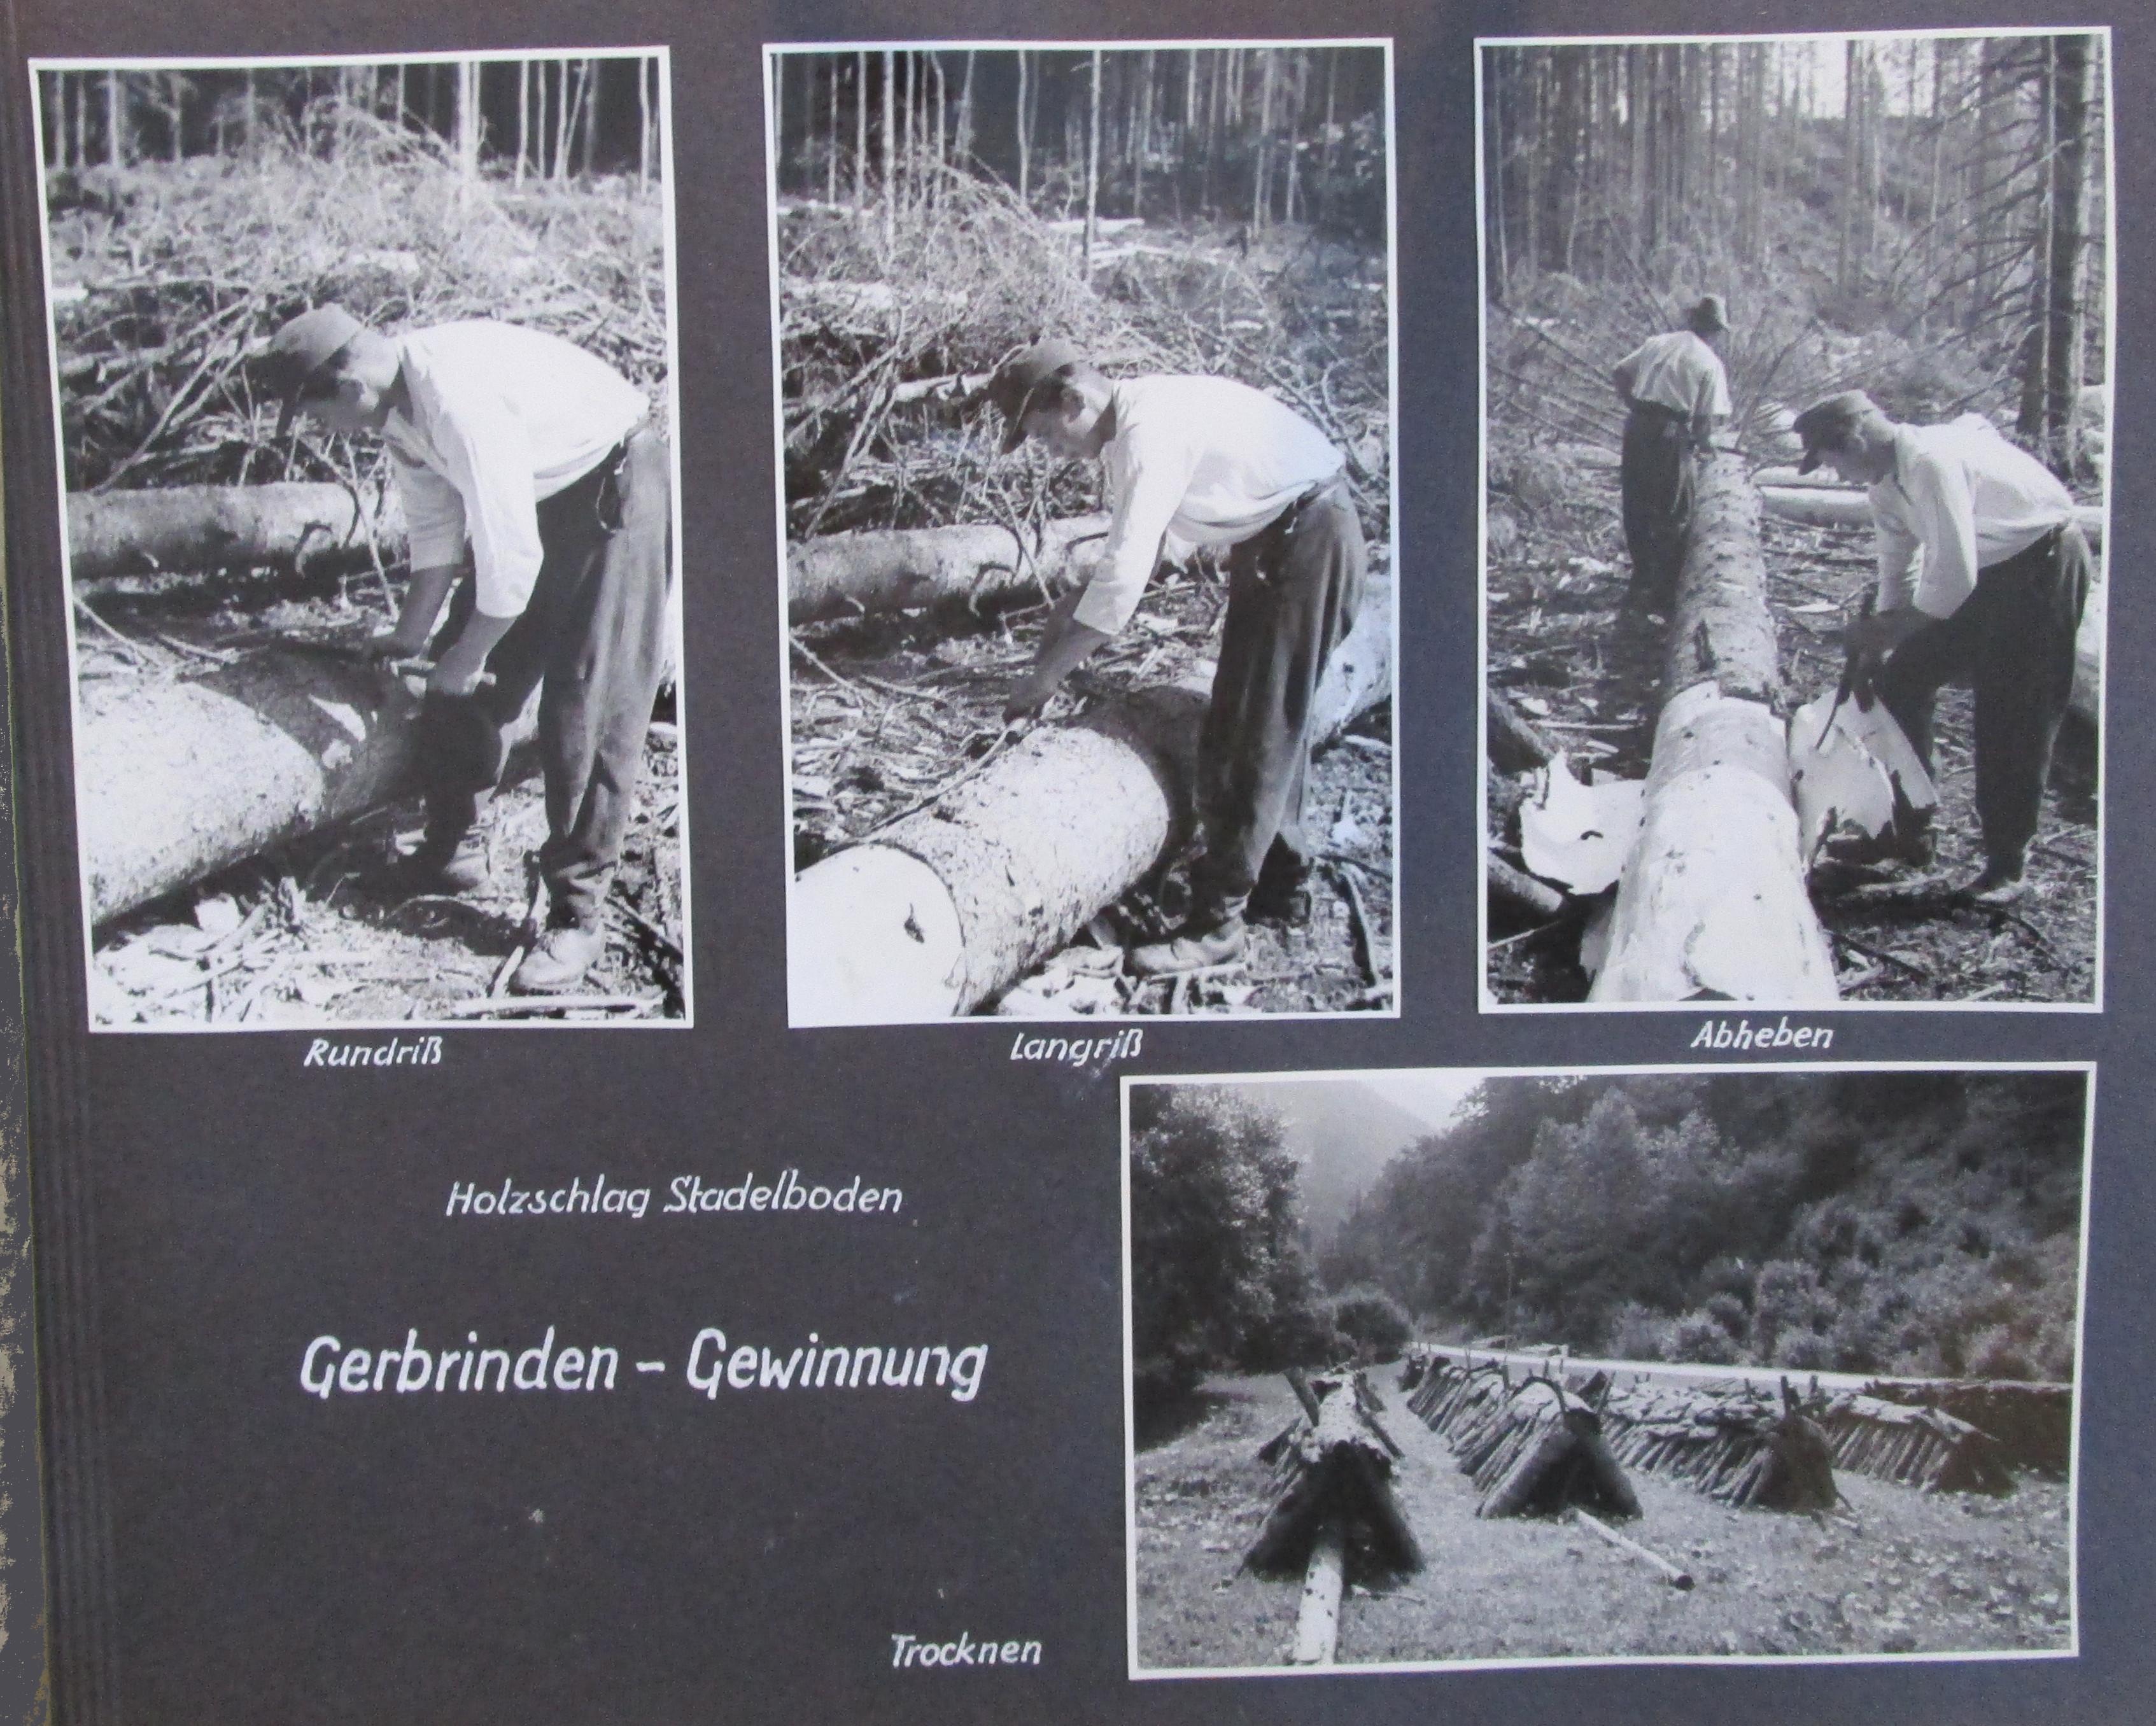 Photos der Gerbrinden-Gewinnung, Holzschlag Stadelboden